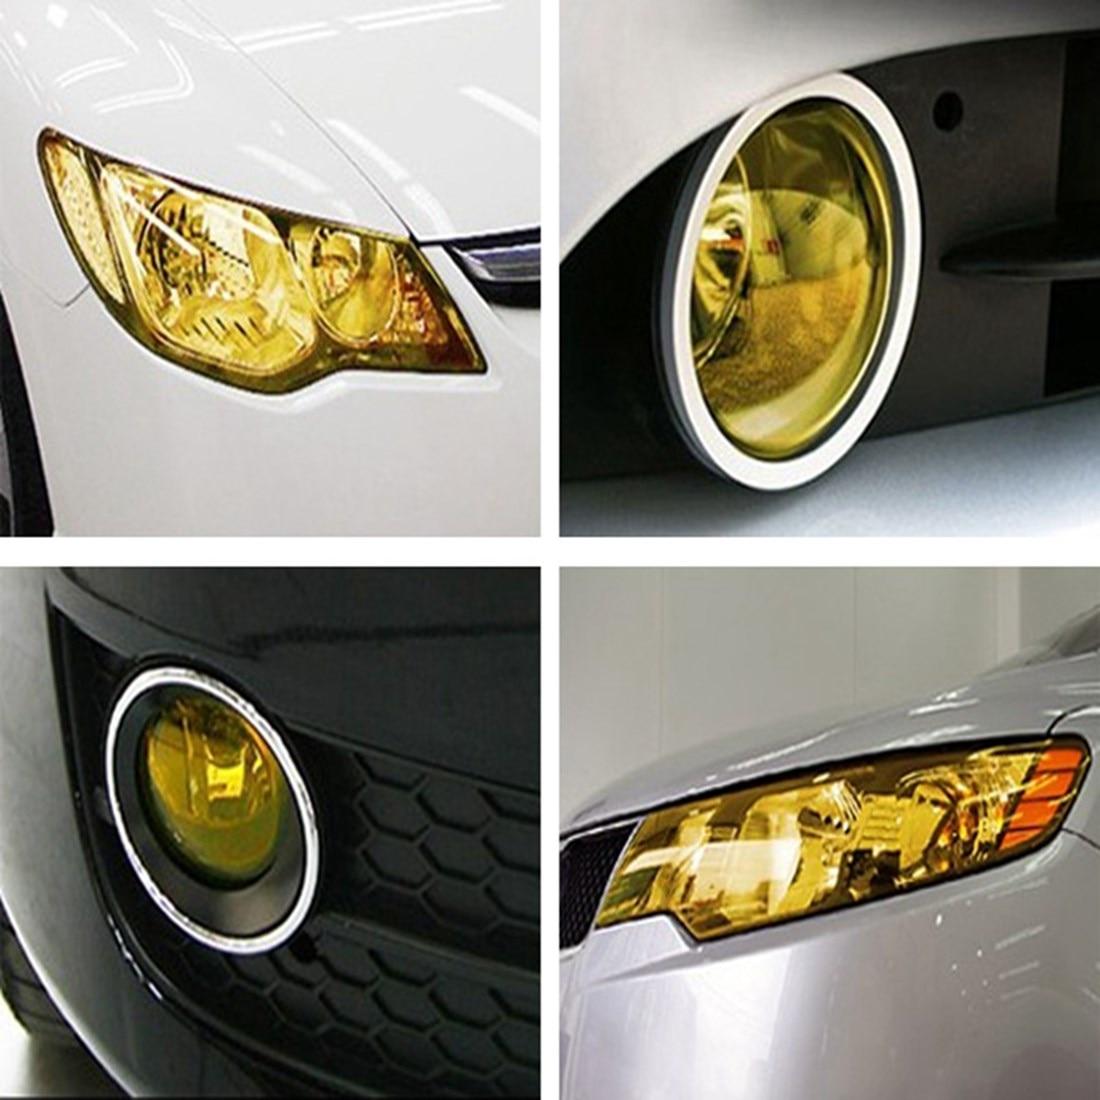 Image 5 - 30 см x 100 см автомобильный Тонирующий головной светильник задняя фара туман светильник виниловая дымовая пленка лист наклейка покрытие автомобильные наклейки для стайлинга автомобилей-in Наклейки на автомобиль from Автомобили и мотоциклы